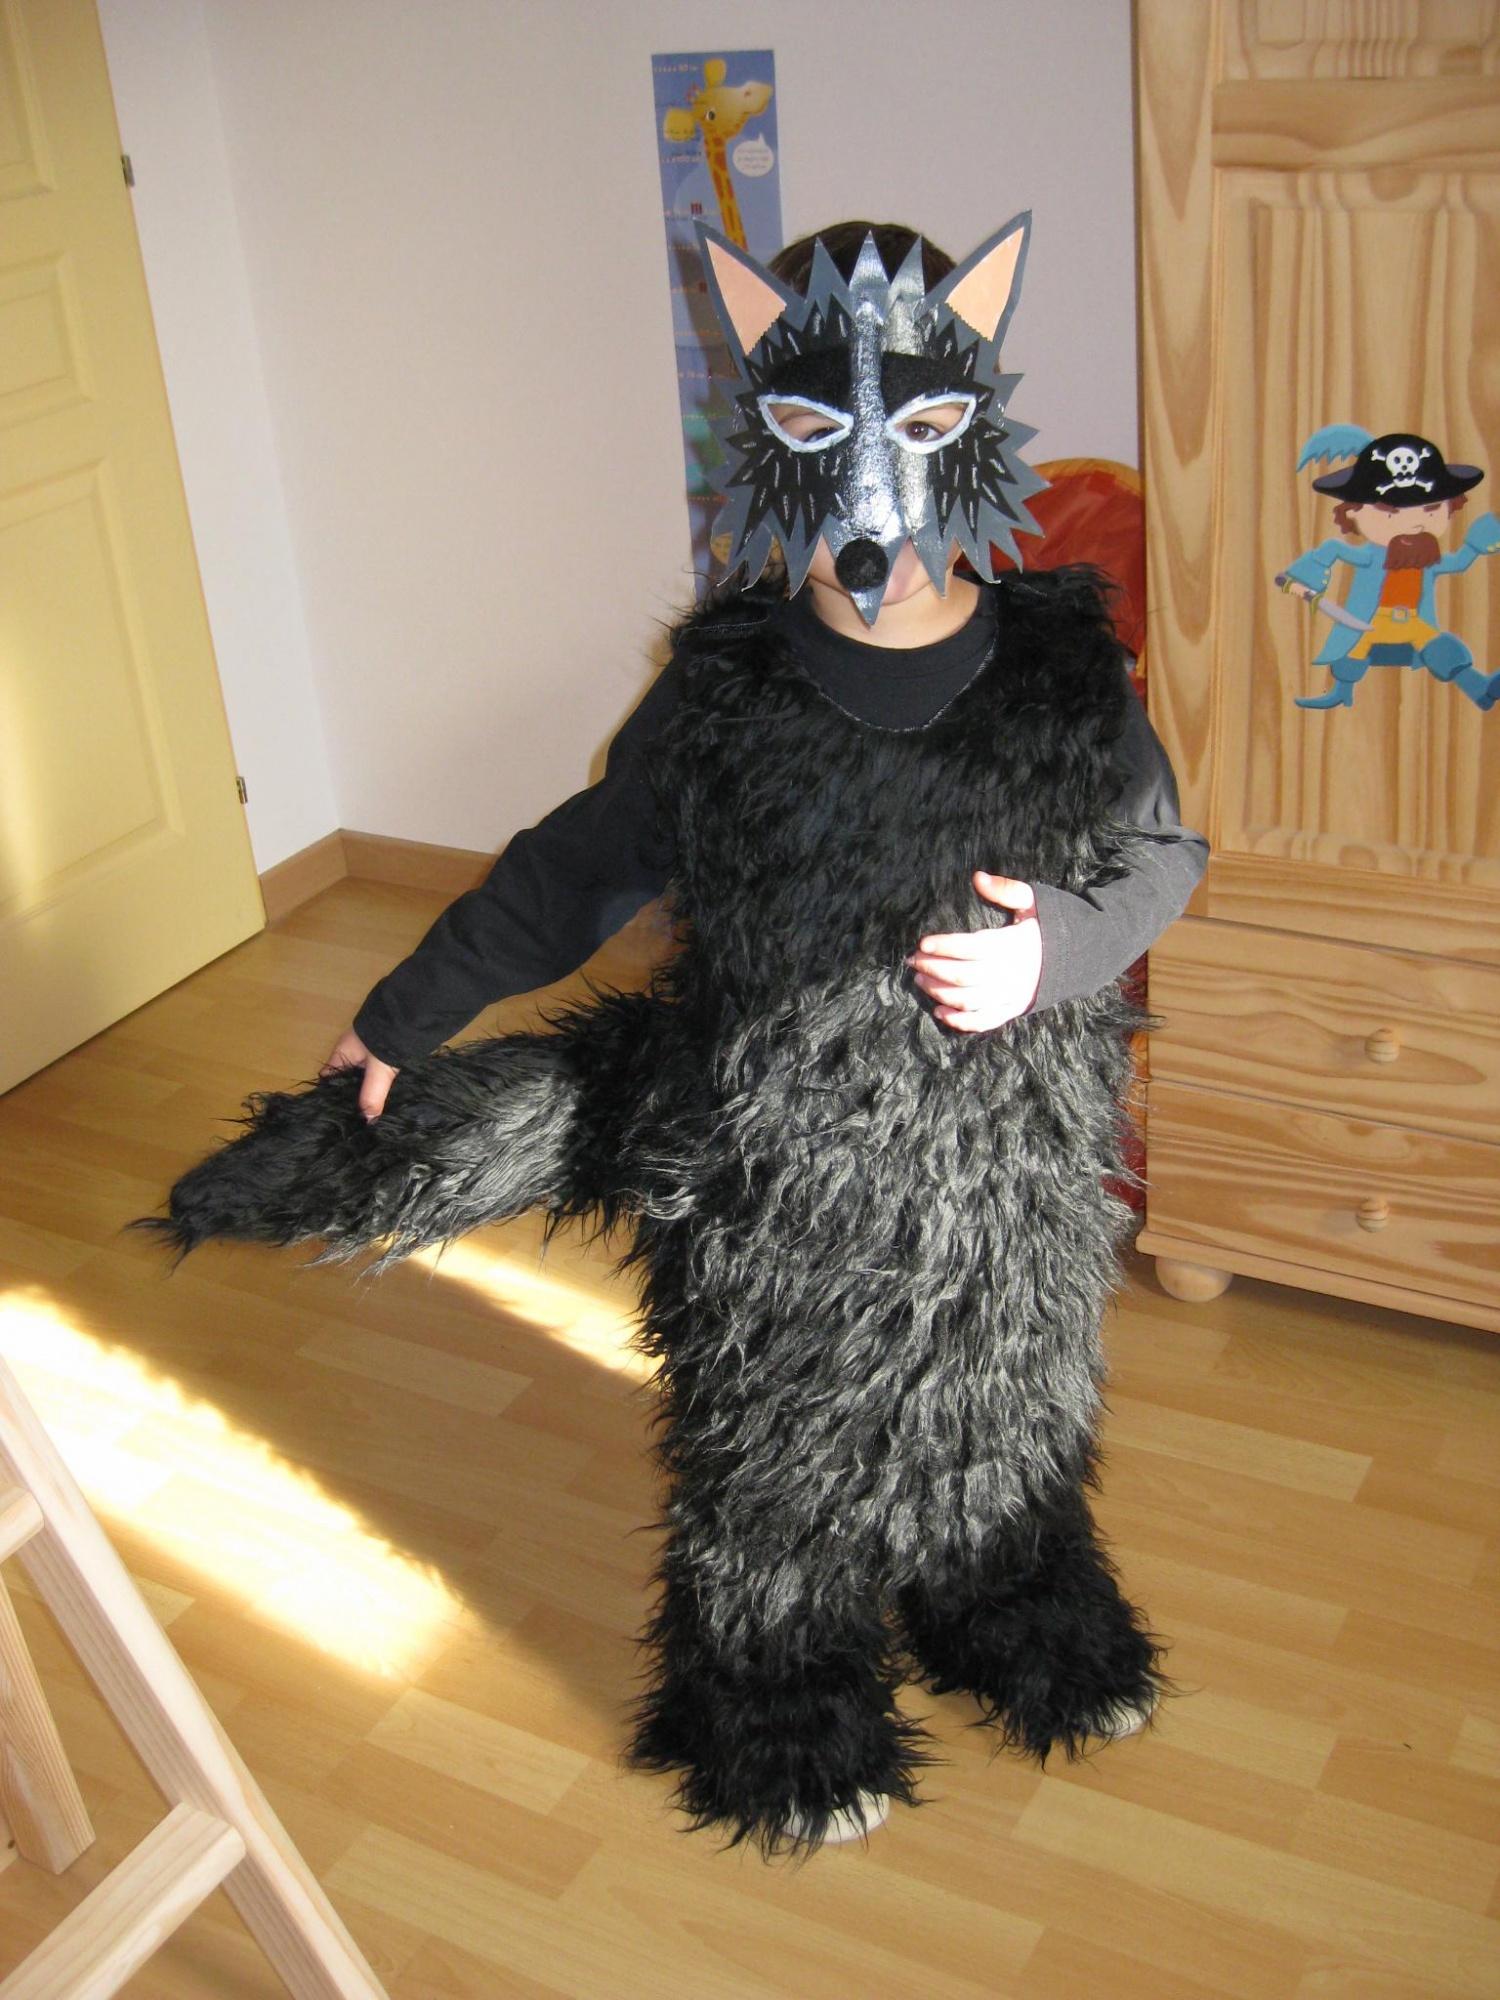 D guisements d 39 halloween lune de toile - Masque de loup a fabriquer ...